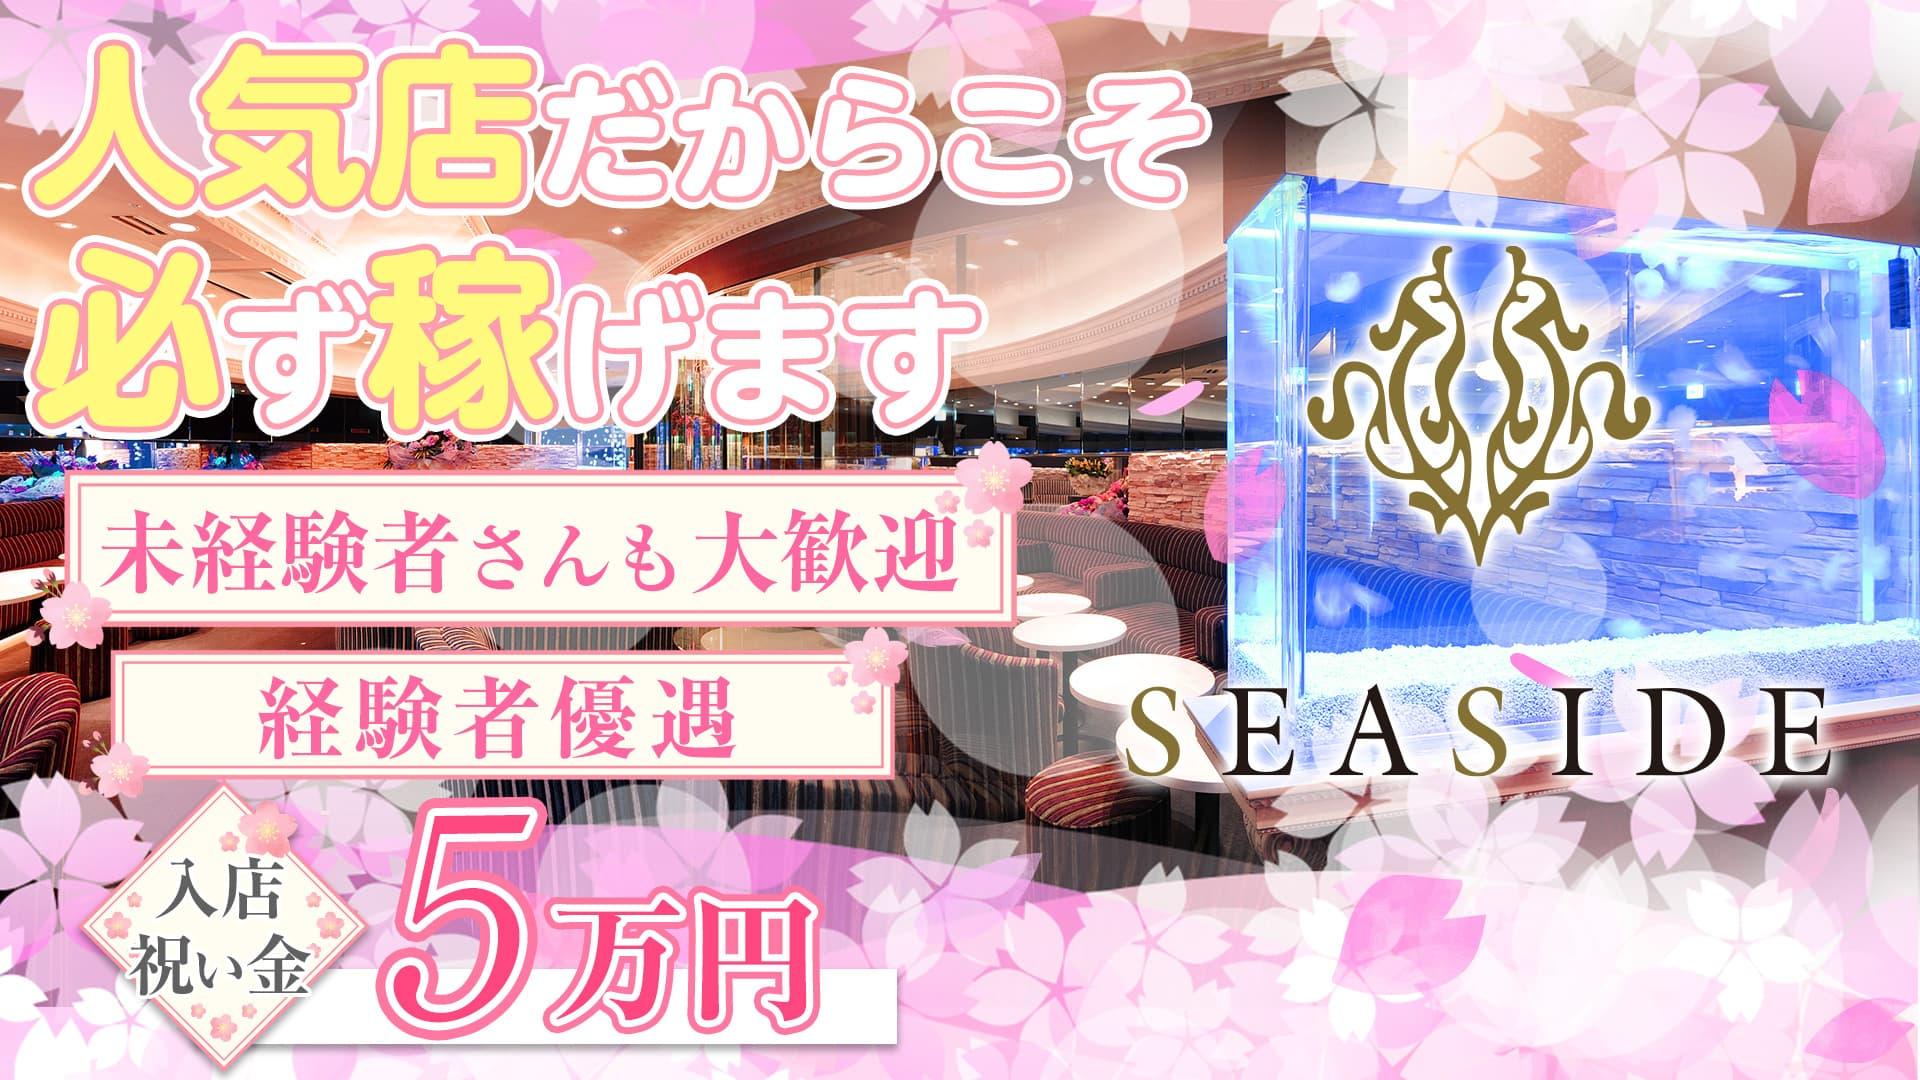 横浜SEASIDE~シーサイド~【公式求人・体入情報】 横浜キャバクラ TOP画像